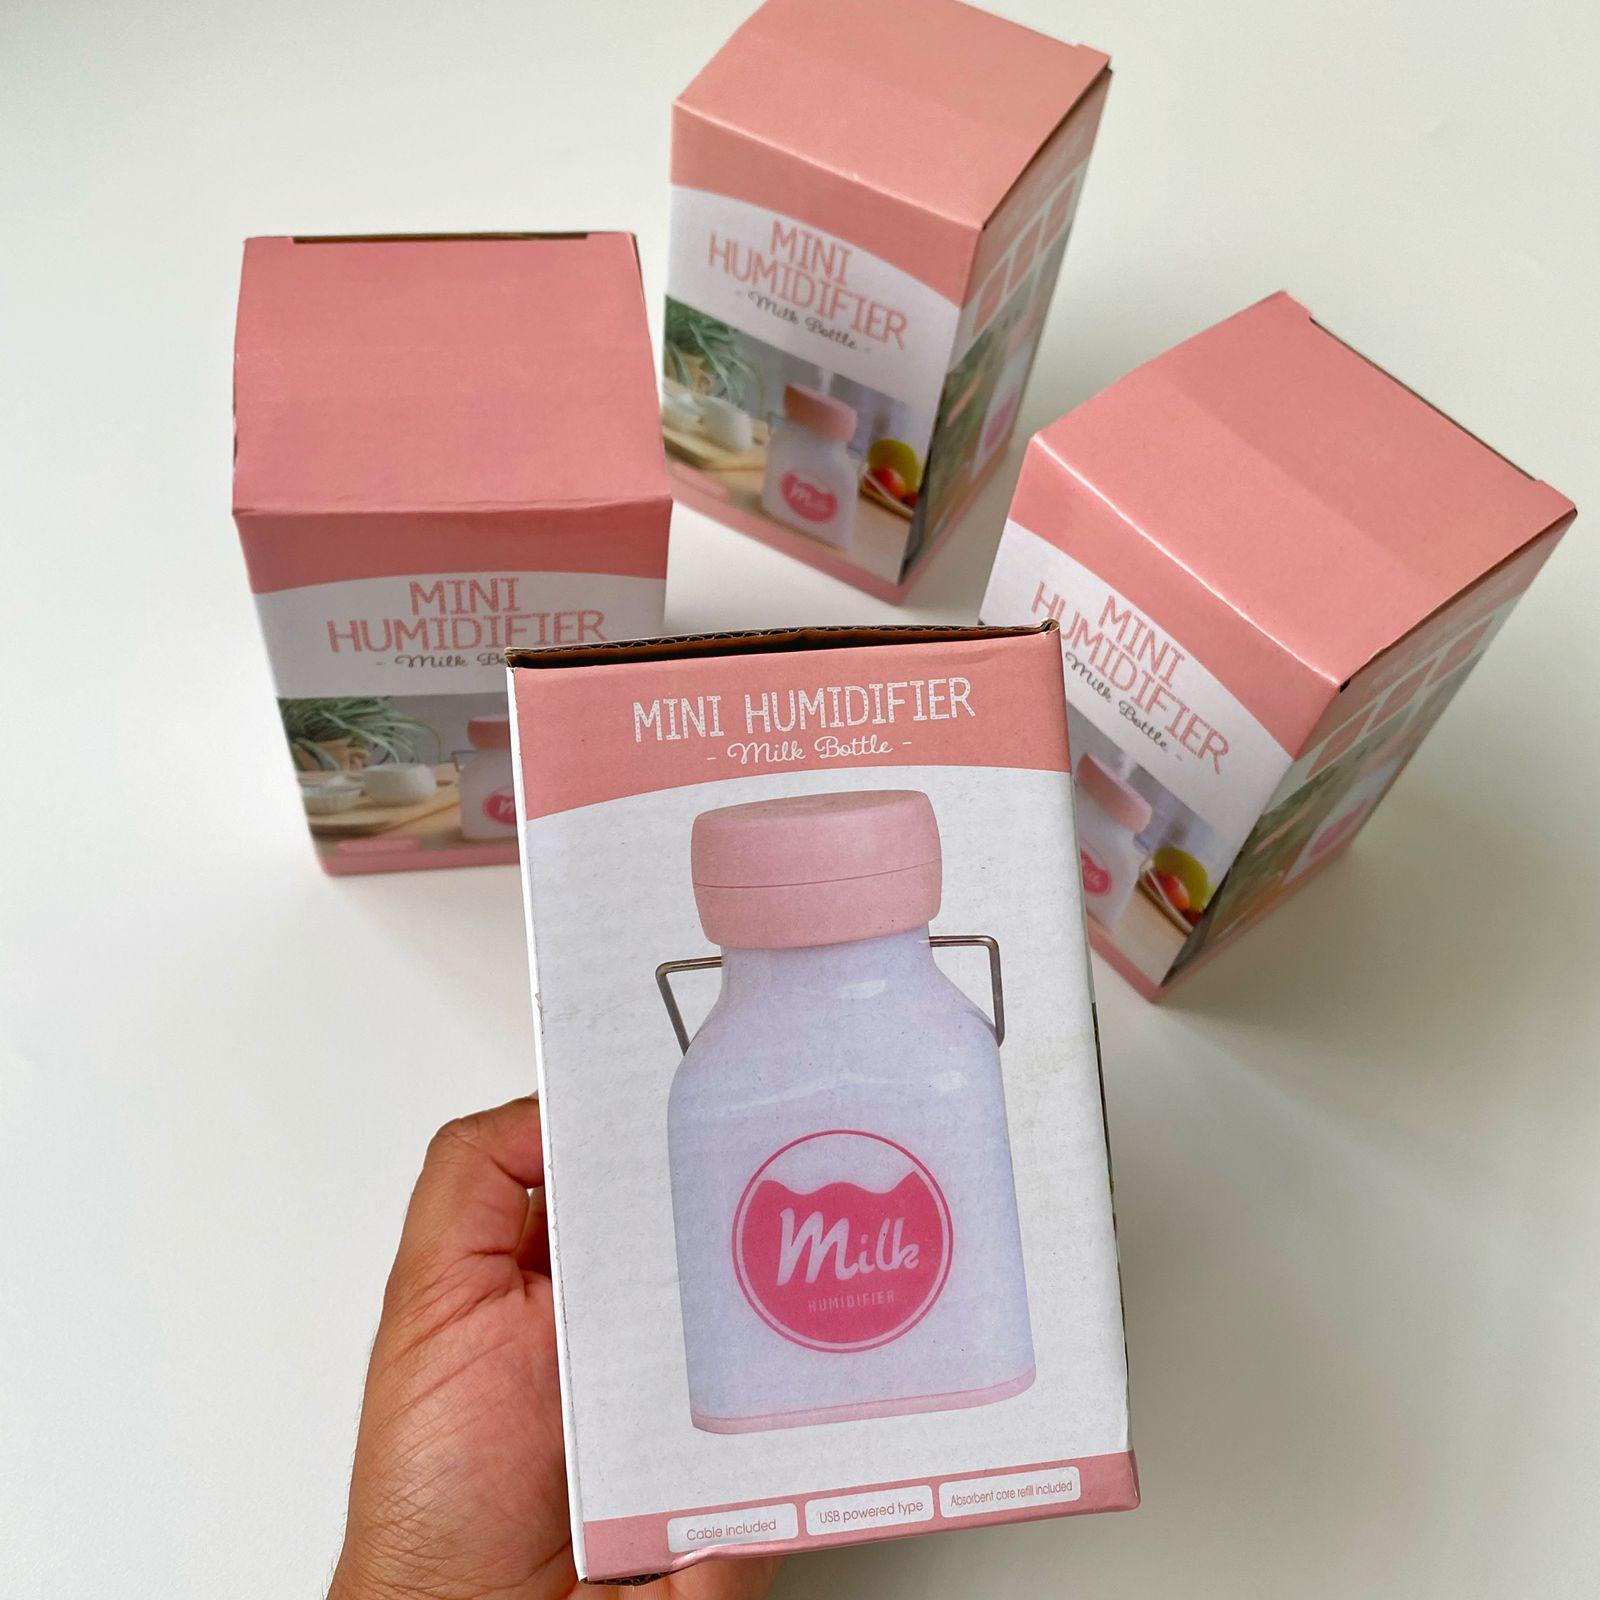 Mini Umidificador Vaporizador Leite Milk para Aromatizante   Importados